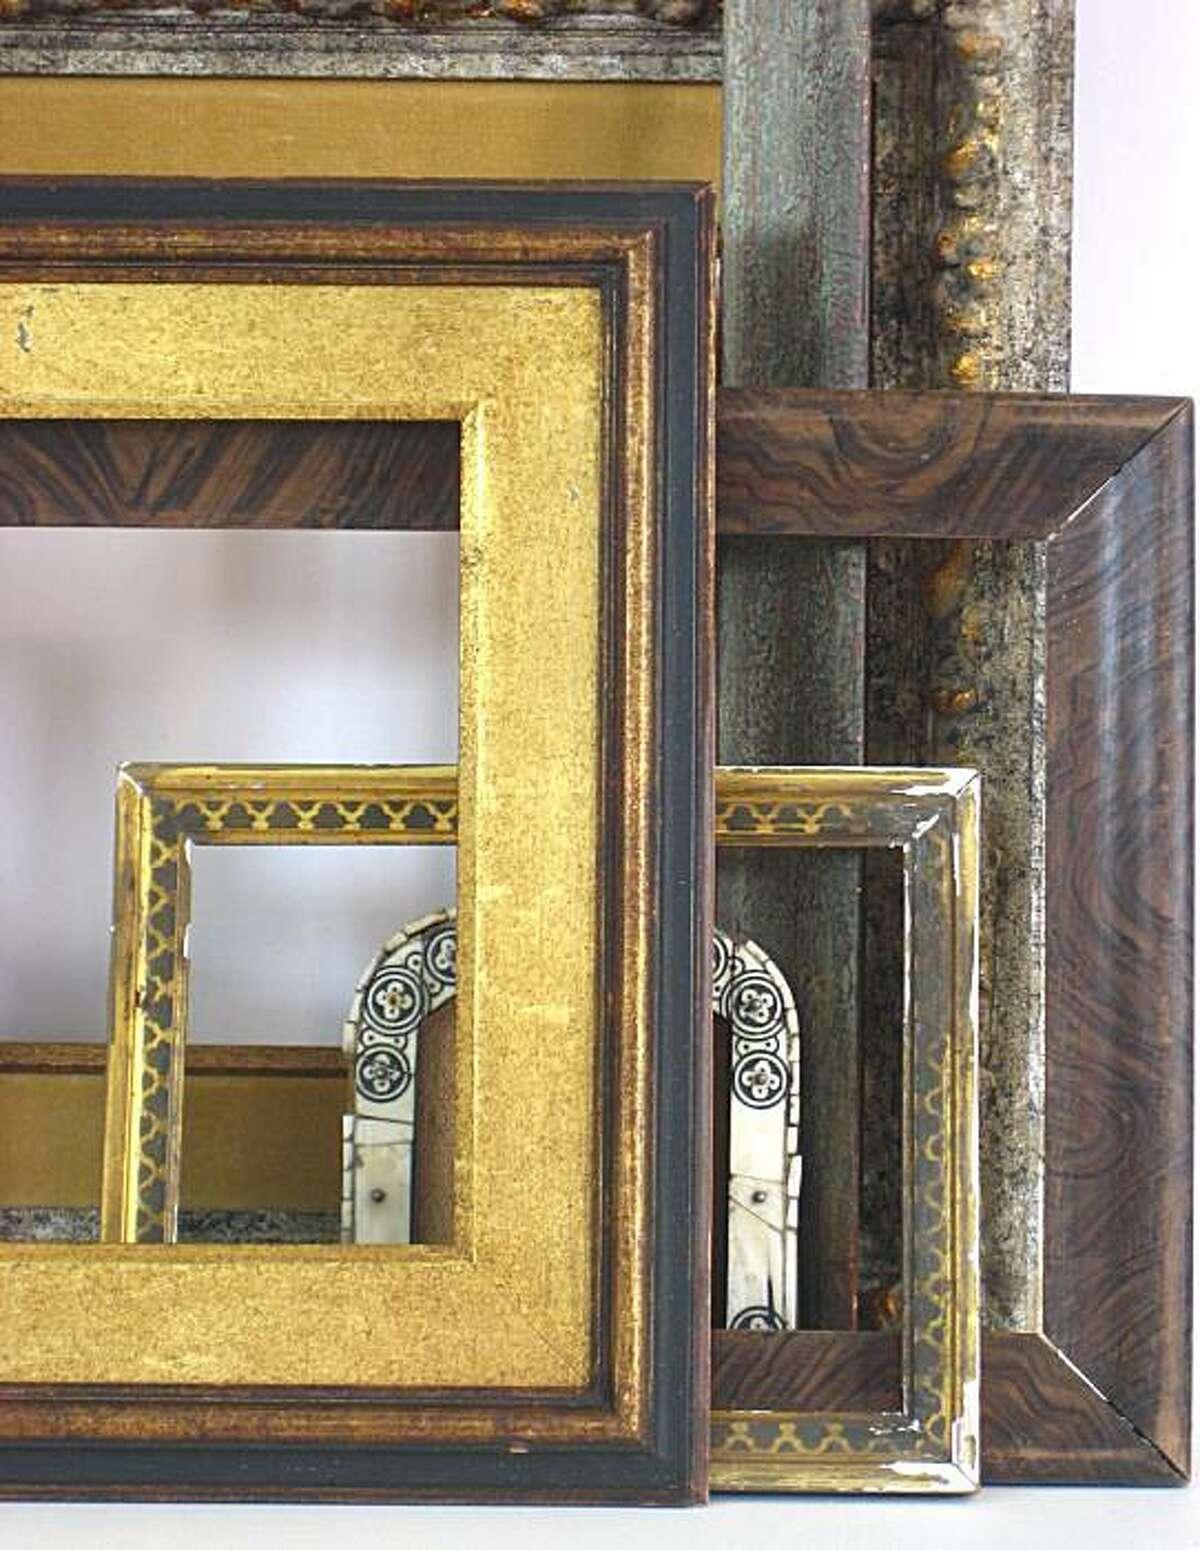 Original period frames.